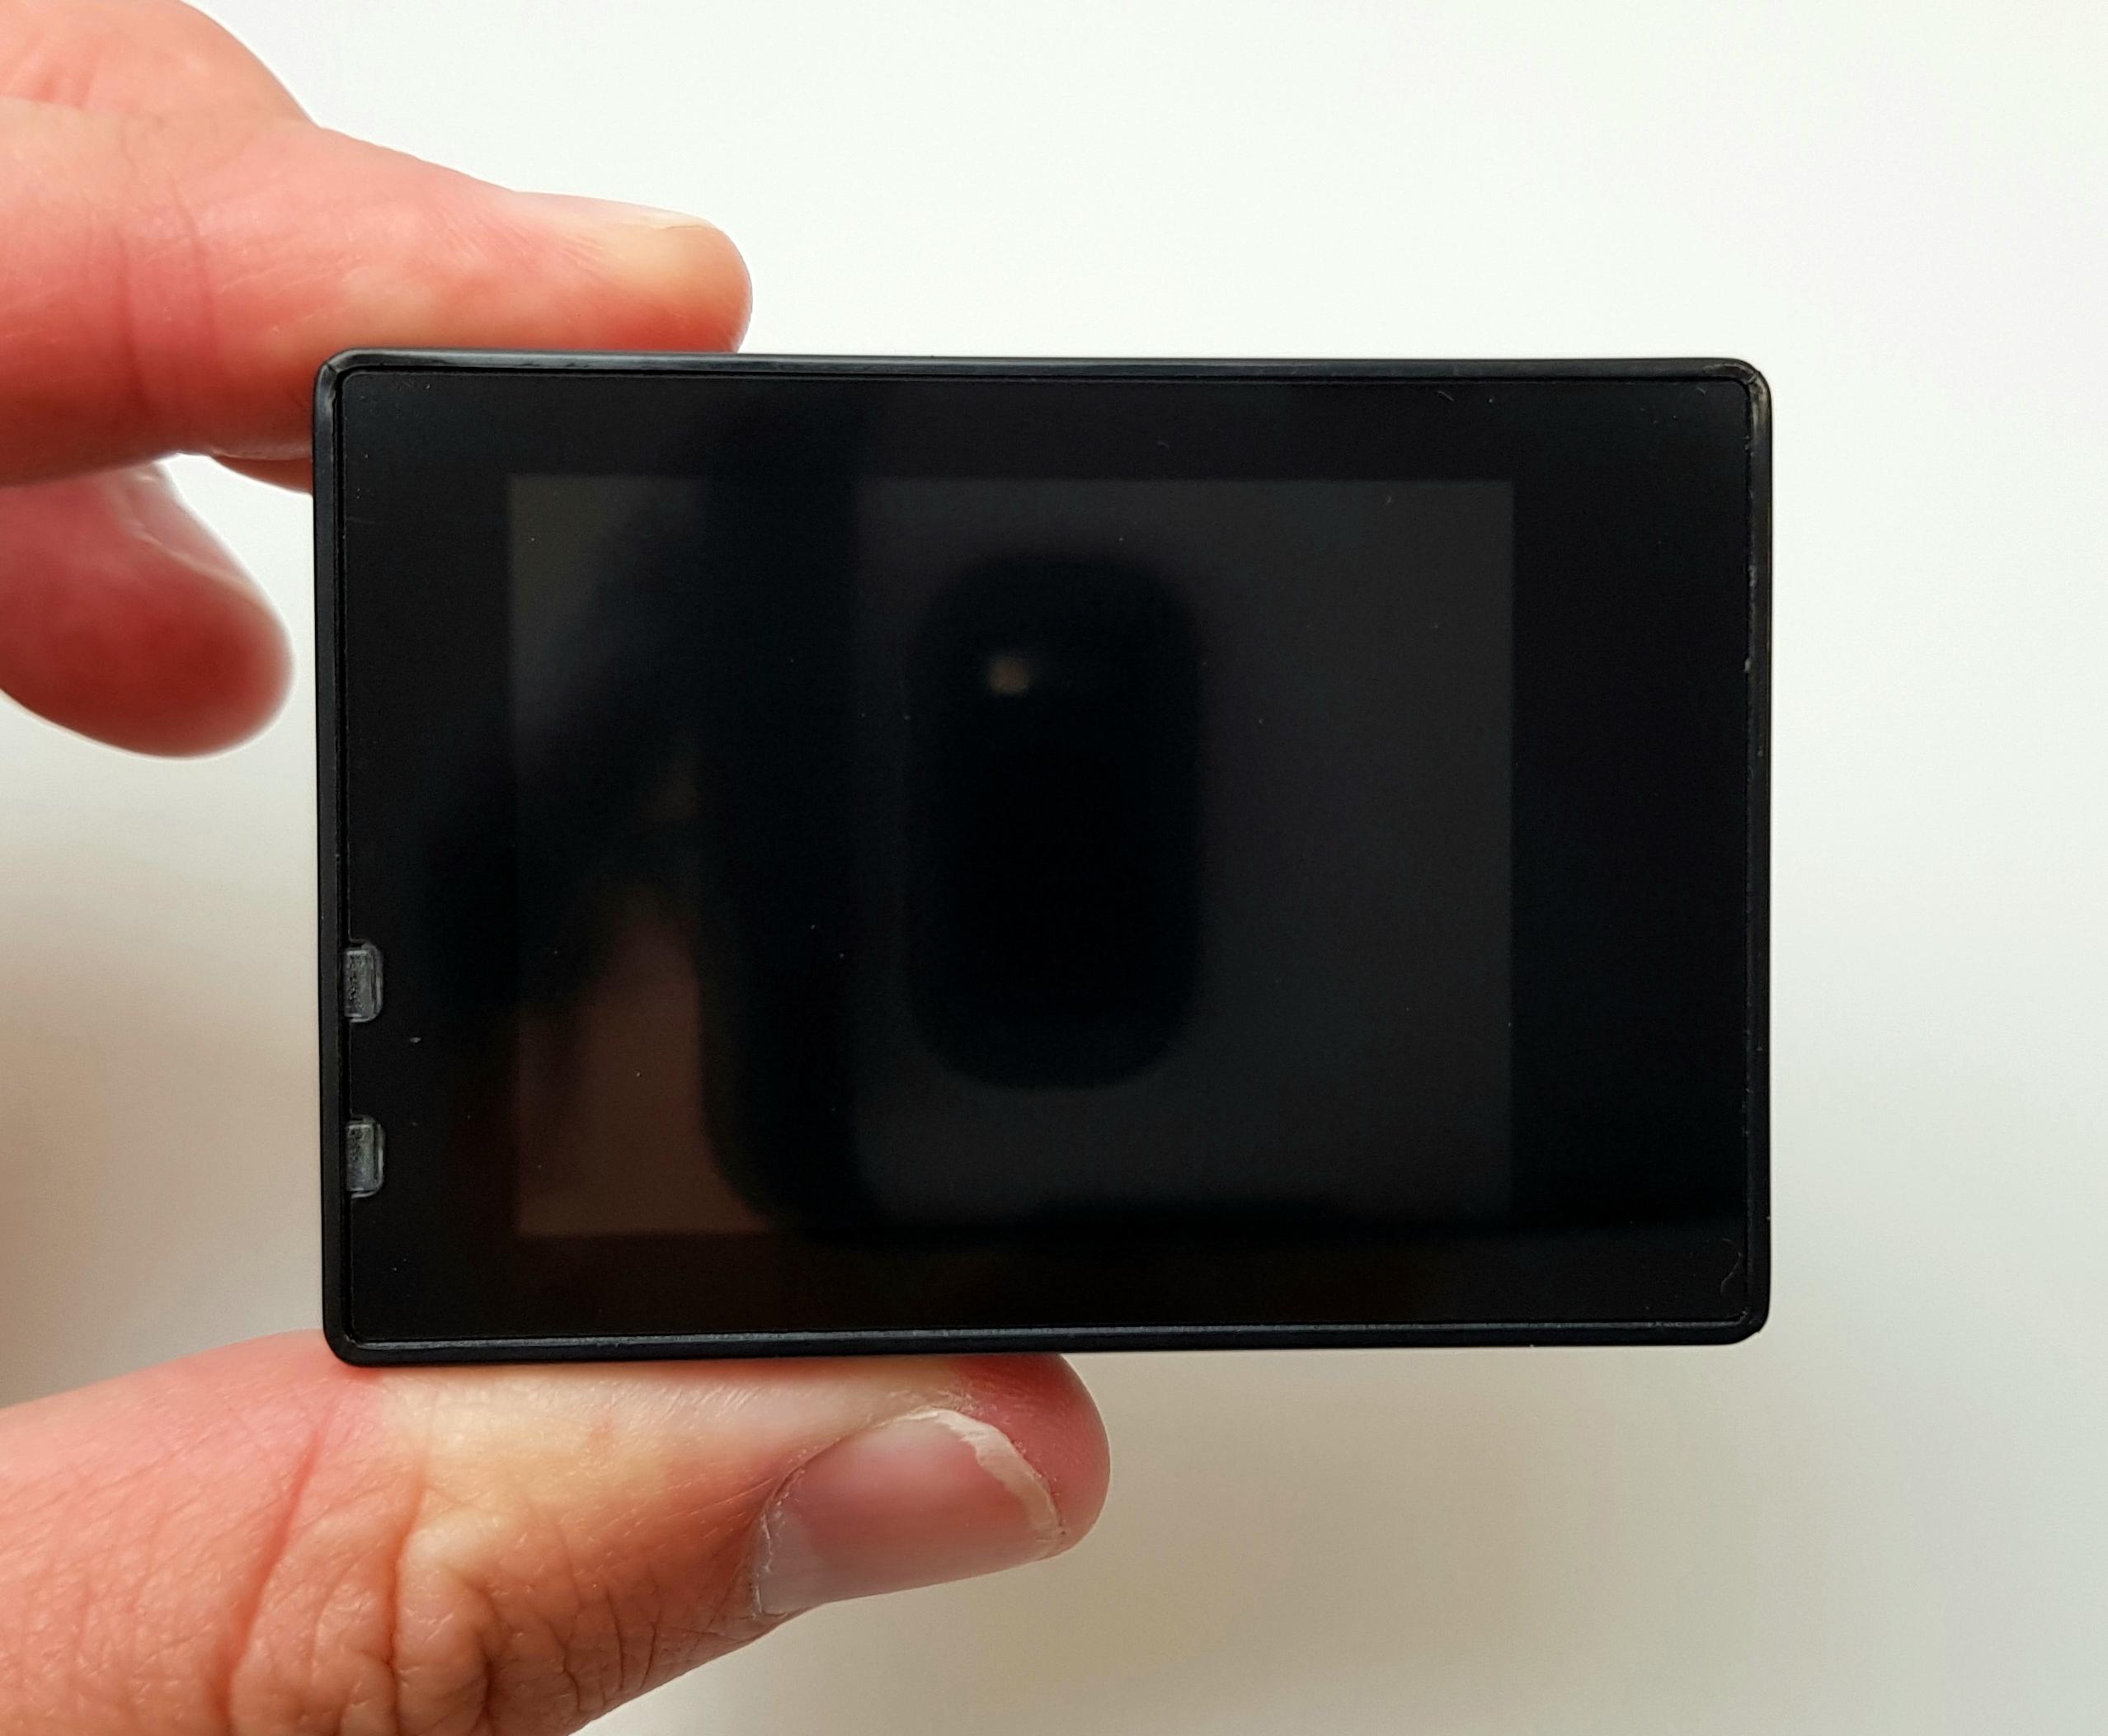 超小型格安アクションカメラ「V3 Wifi 4K 30fps 1080P 60fps 16MPスポーツアクションカメラ」安心の防水仕様!